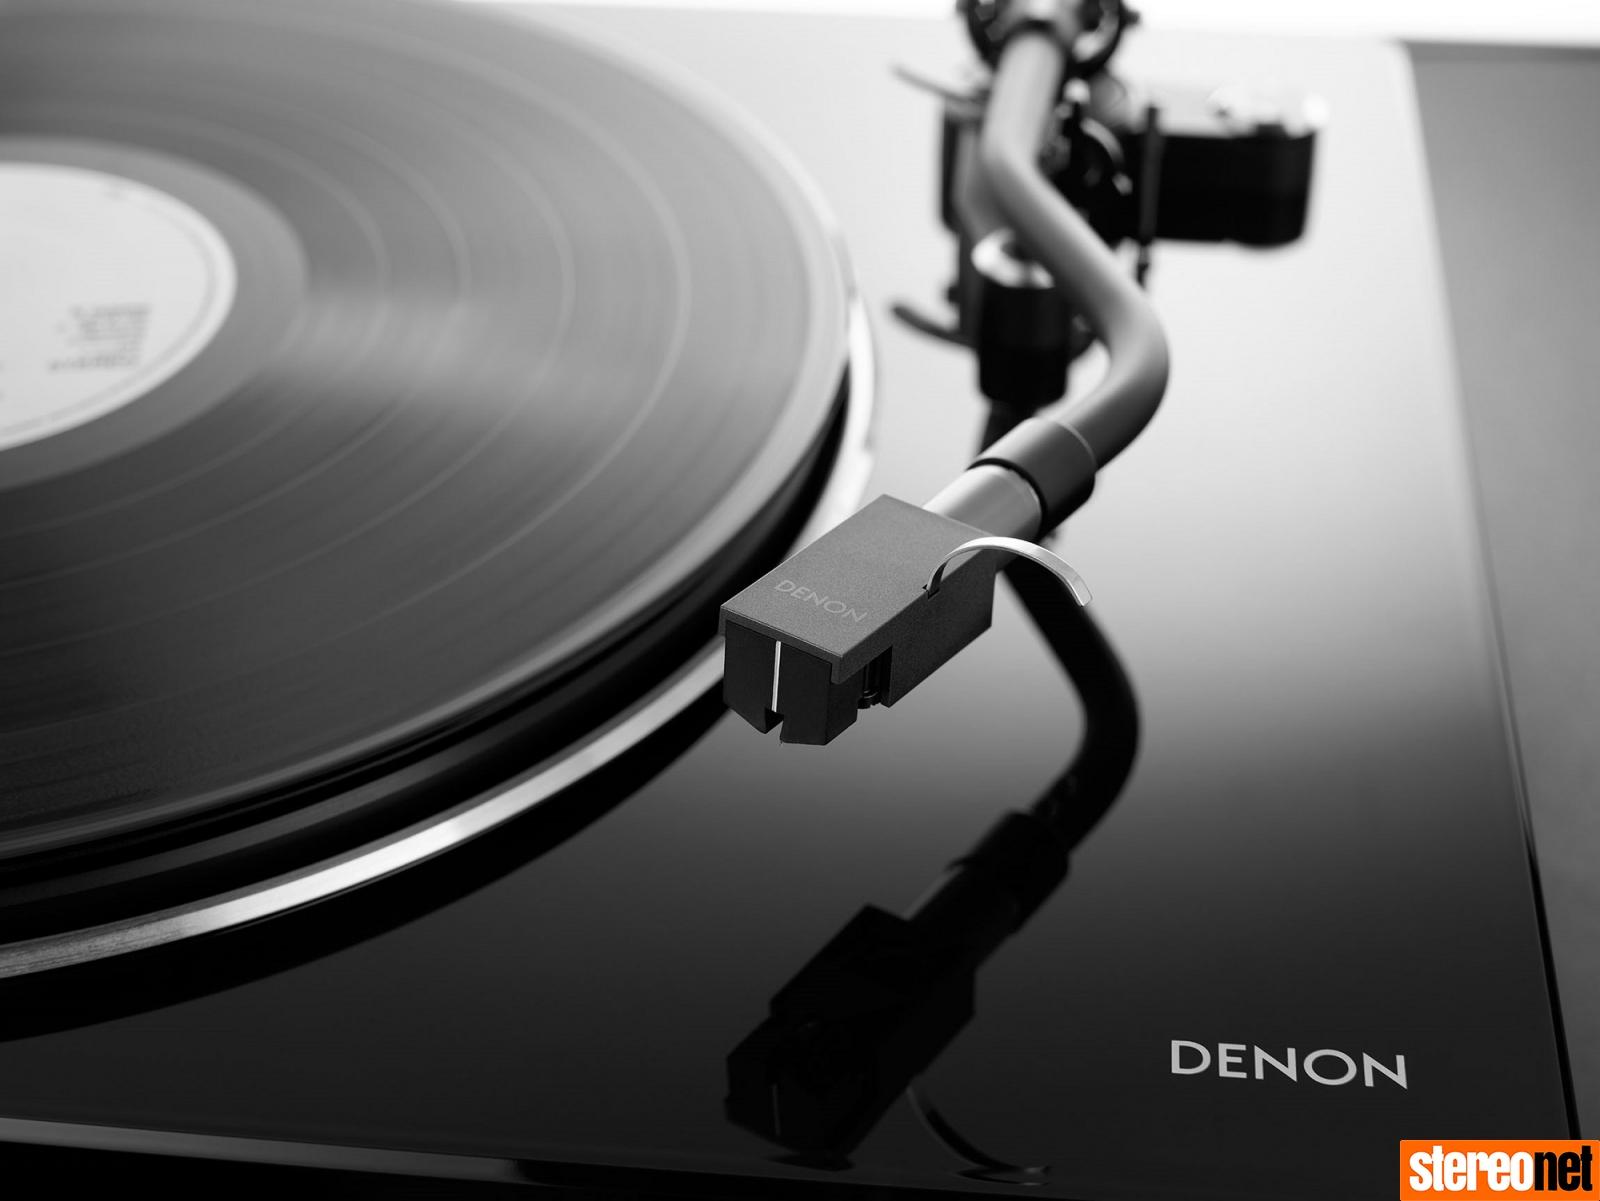 Denon DL-A110 MC Cartridge